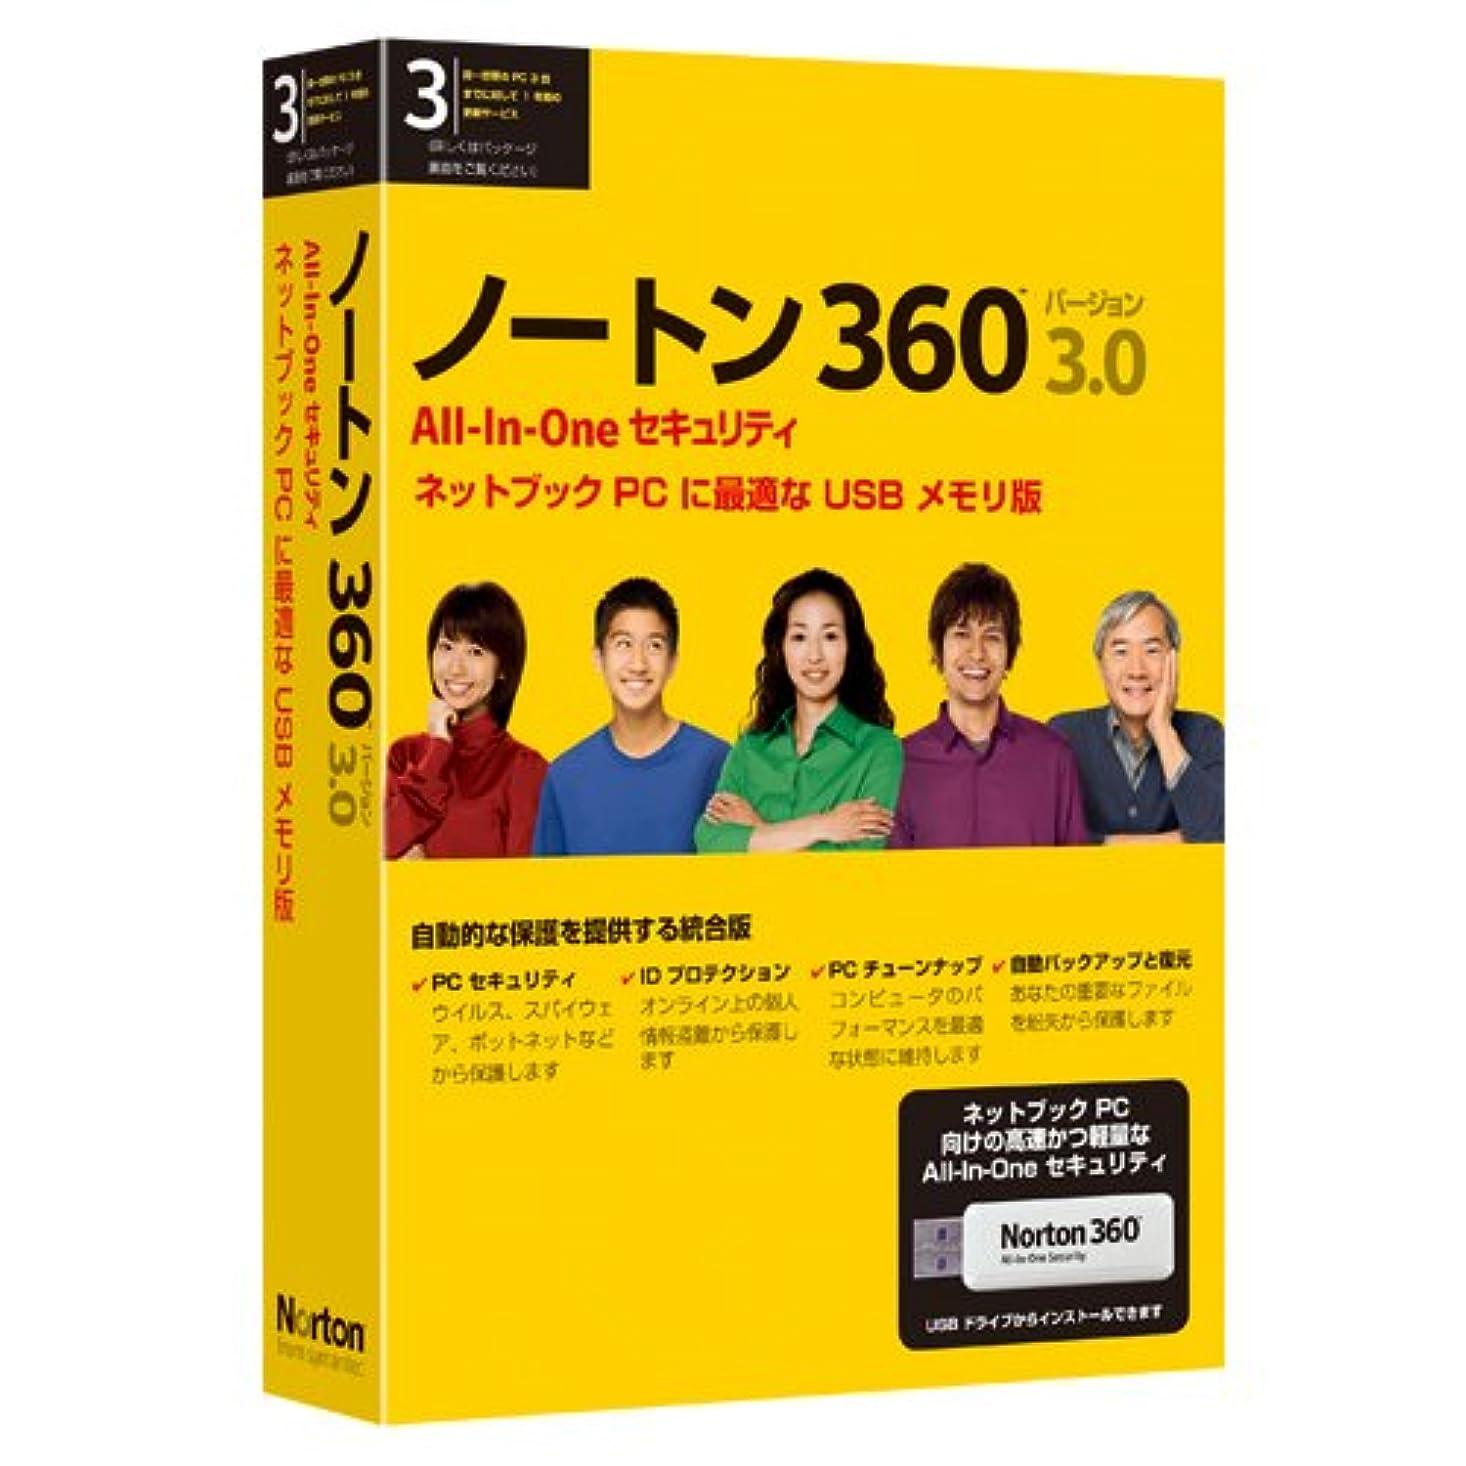 奇跡忍耐メカニック【旧商品】Norton 360 バージョン 3.0 USB